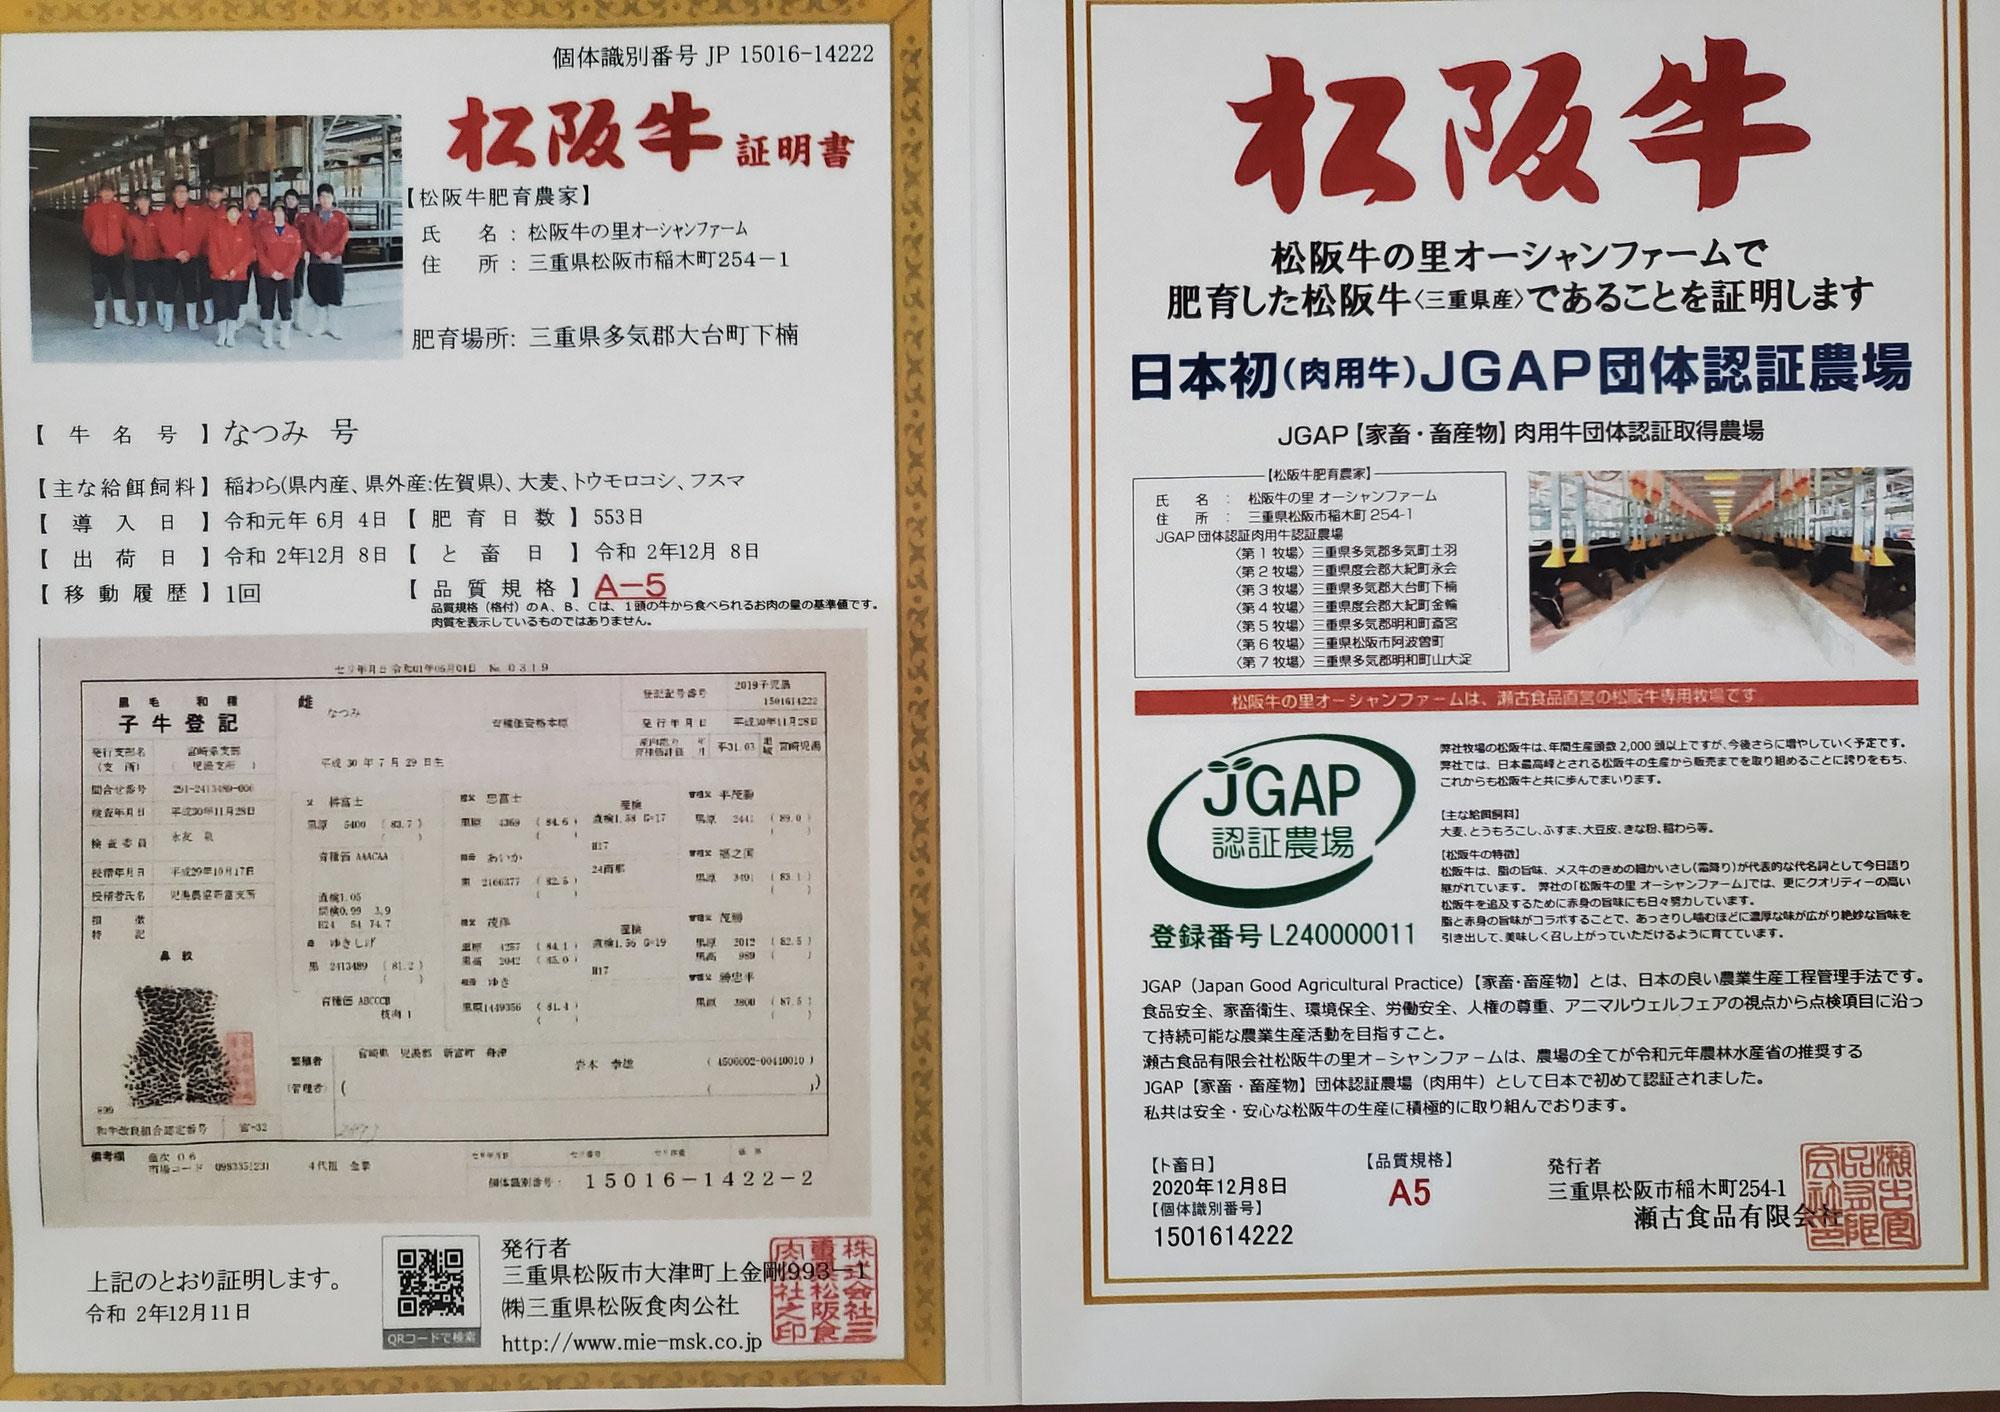 年末年始用松阪牛の入荷、29日~販売予定です